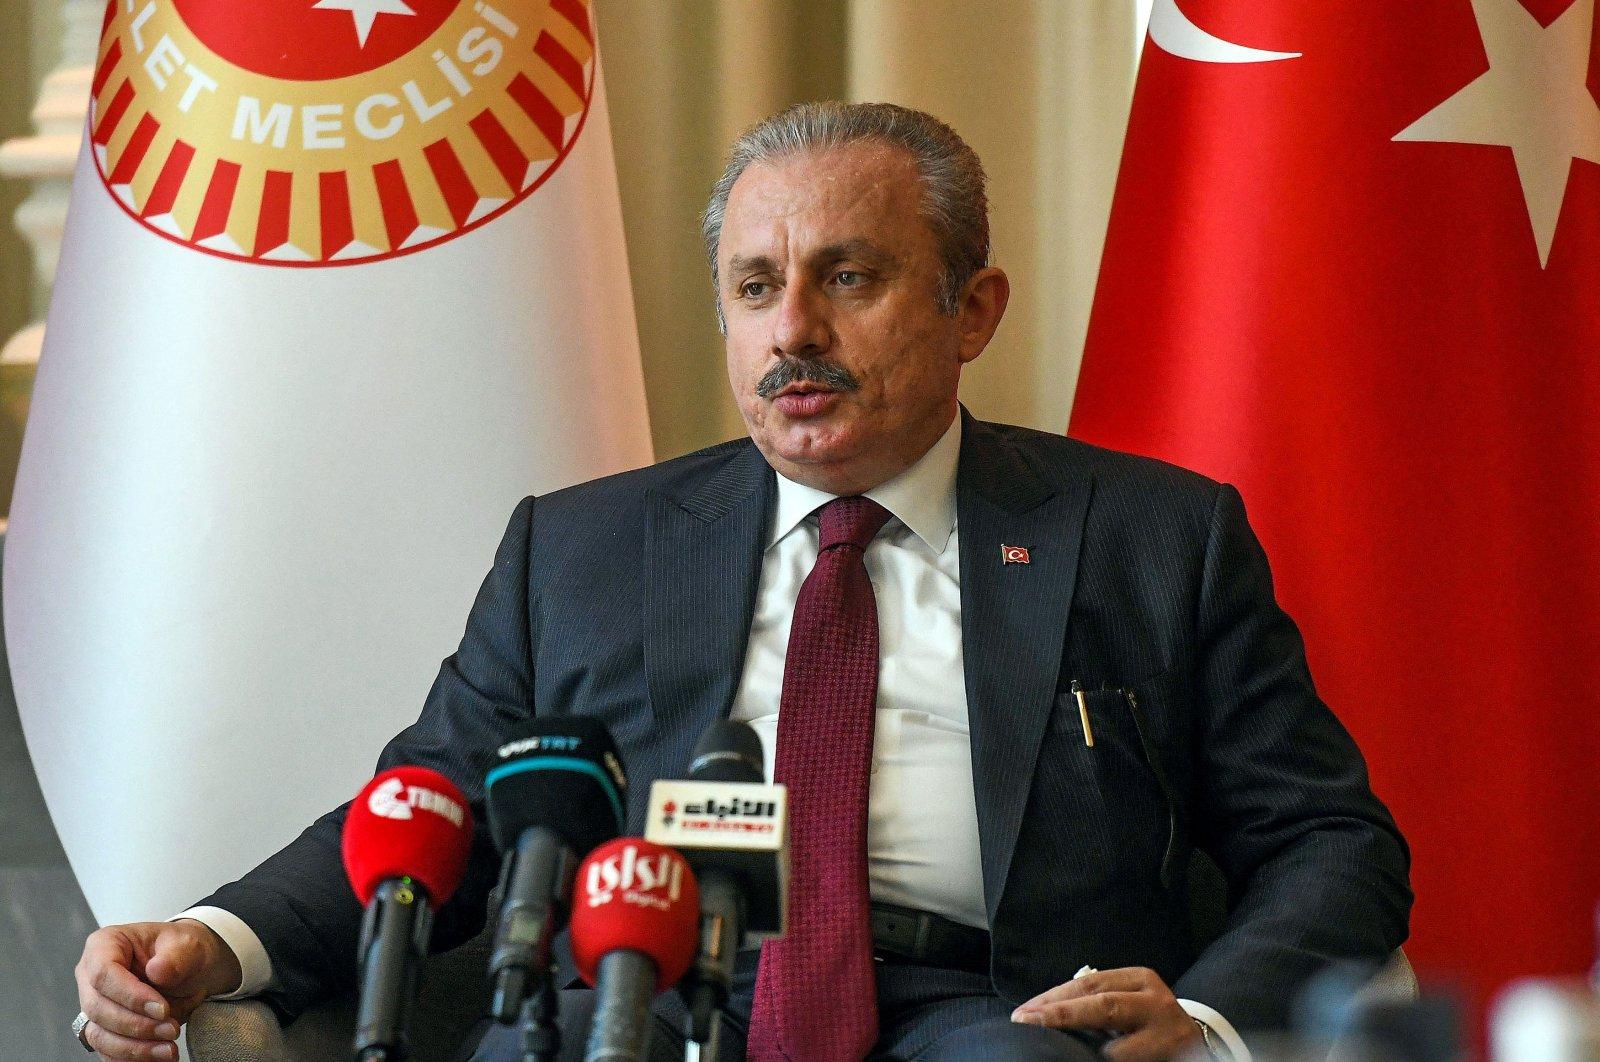 Austrian PM Kurz's Afghan refugee remarks irresponsible: Şentop | Daily Sabah - Daily Sabah